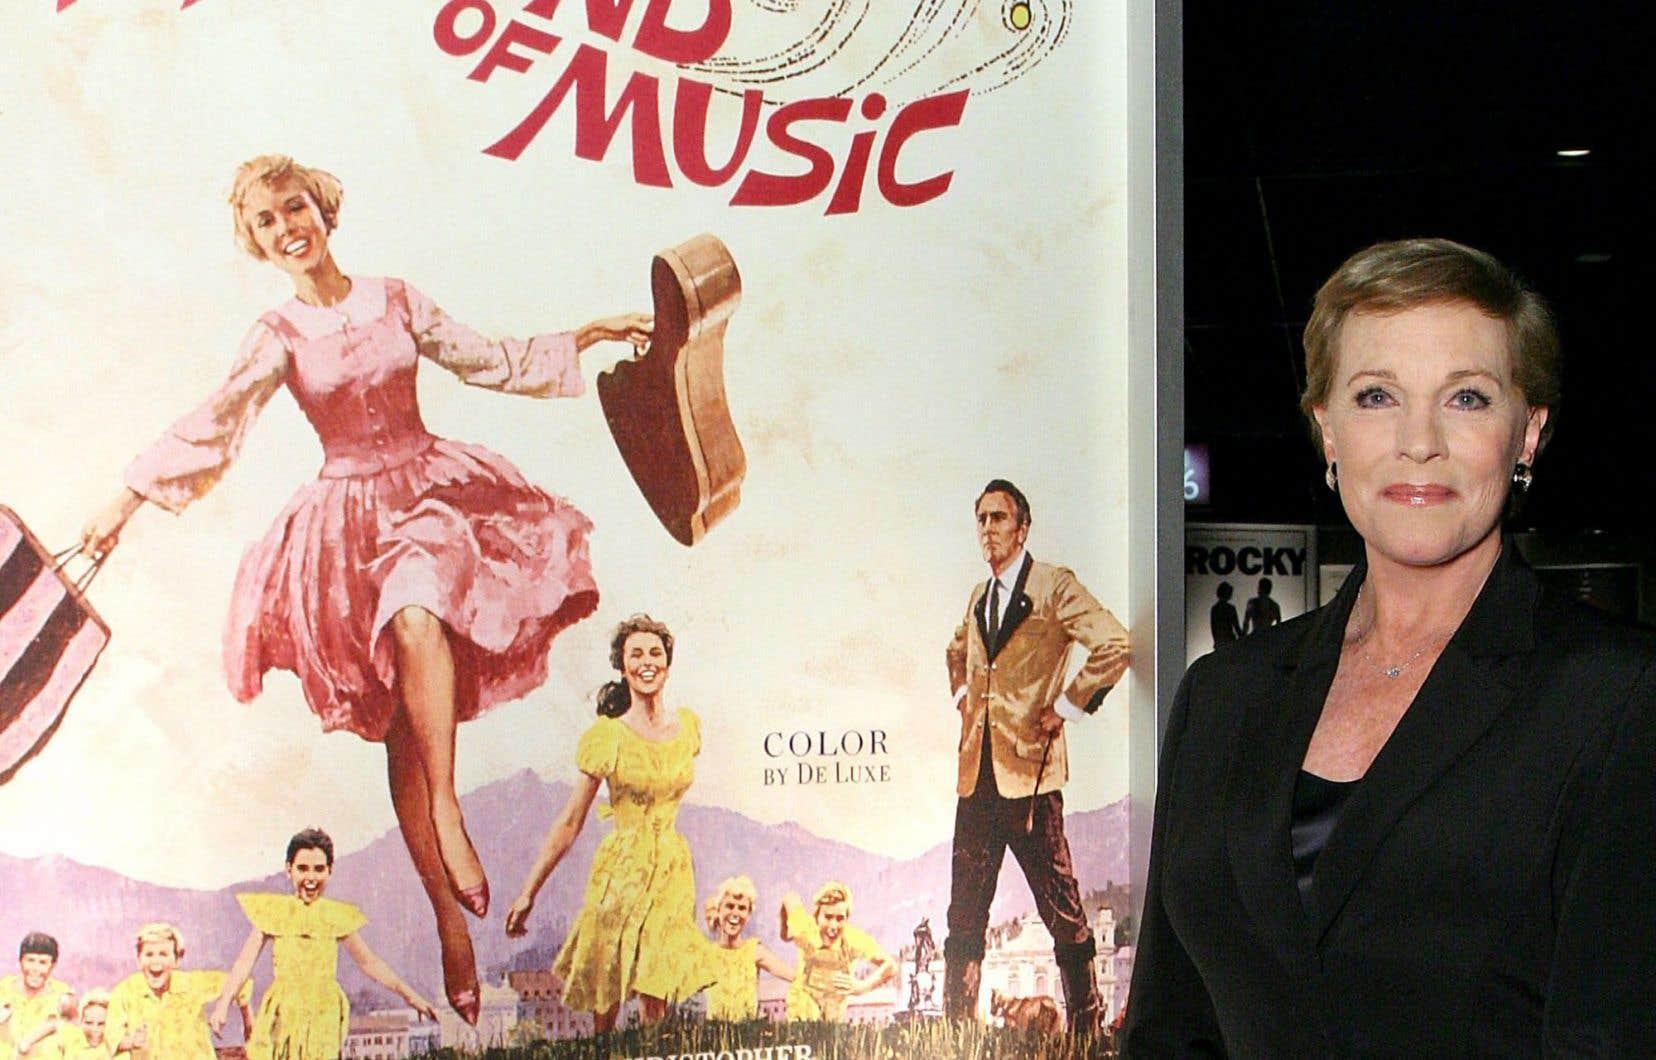 Julie Andrews, qui a bien profité de son triomphe, pose fièrement devant l'affiche du film.